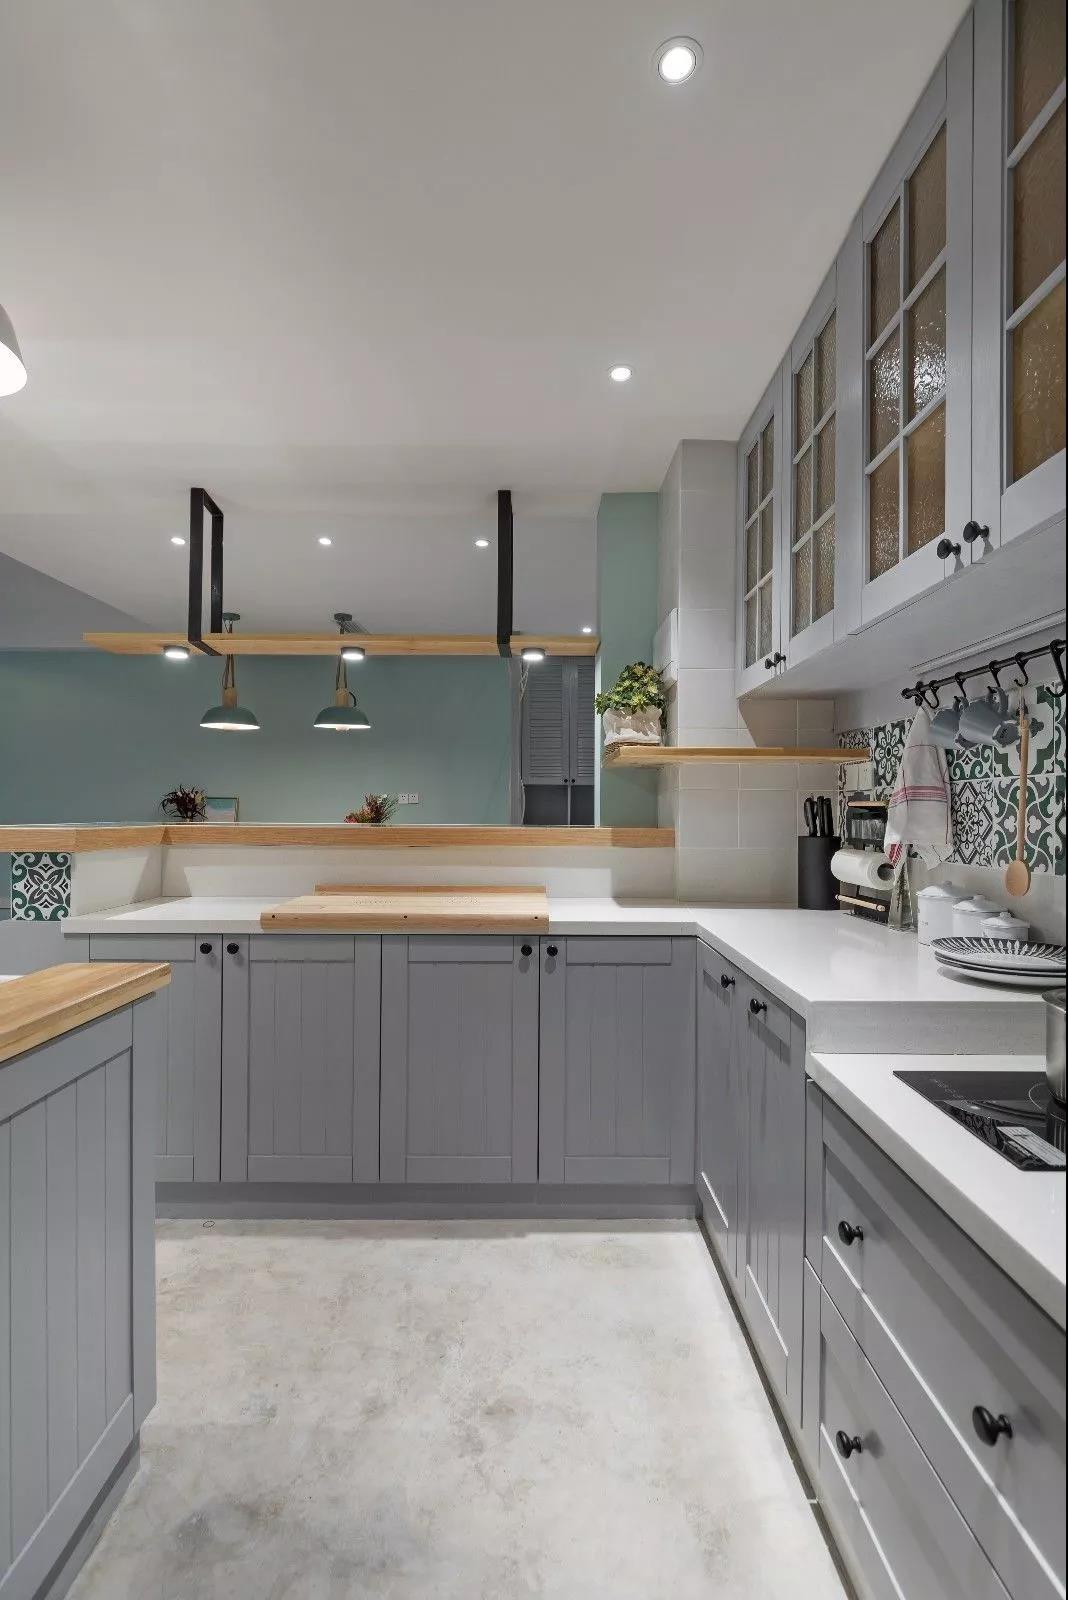 2021简约厨房装修图 2021简约吧台装修设计图片